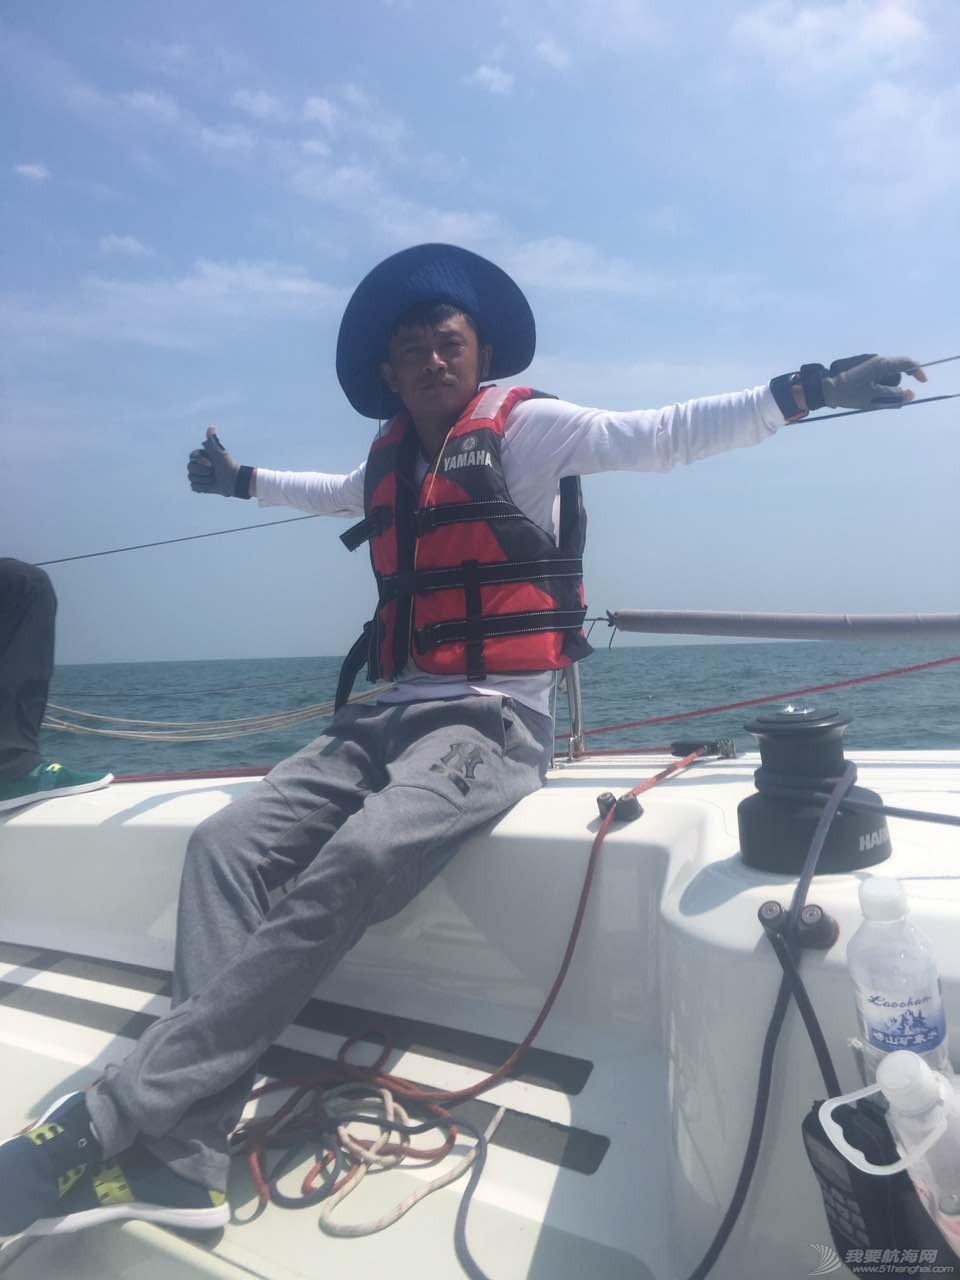 """小伙伴,青岛,国际 千年修得同船赛-记2016年青岛""""市长杯""""国际帆船赛的小伙伴们 4298773037383755691.jpg"""